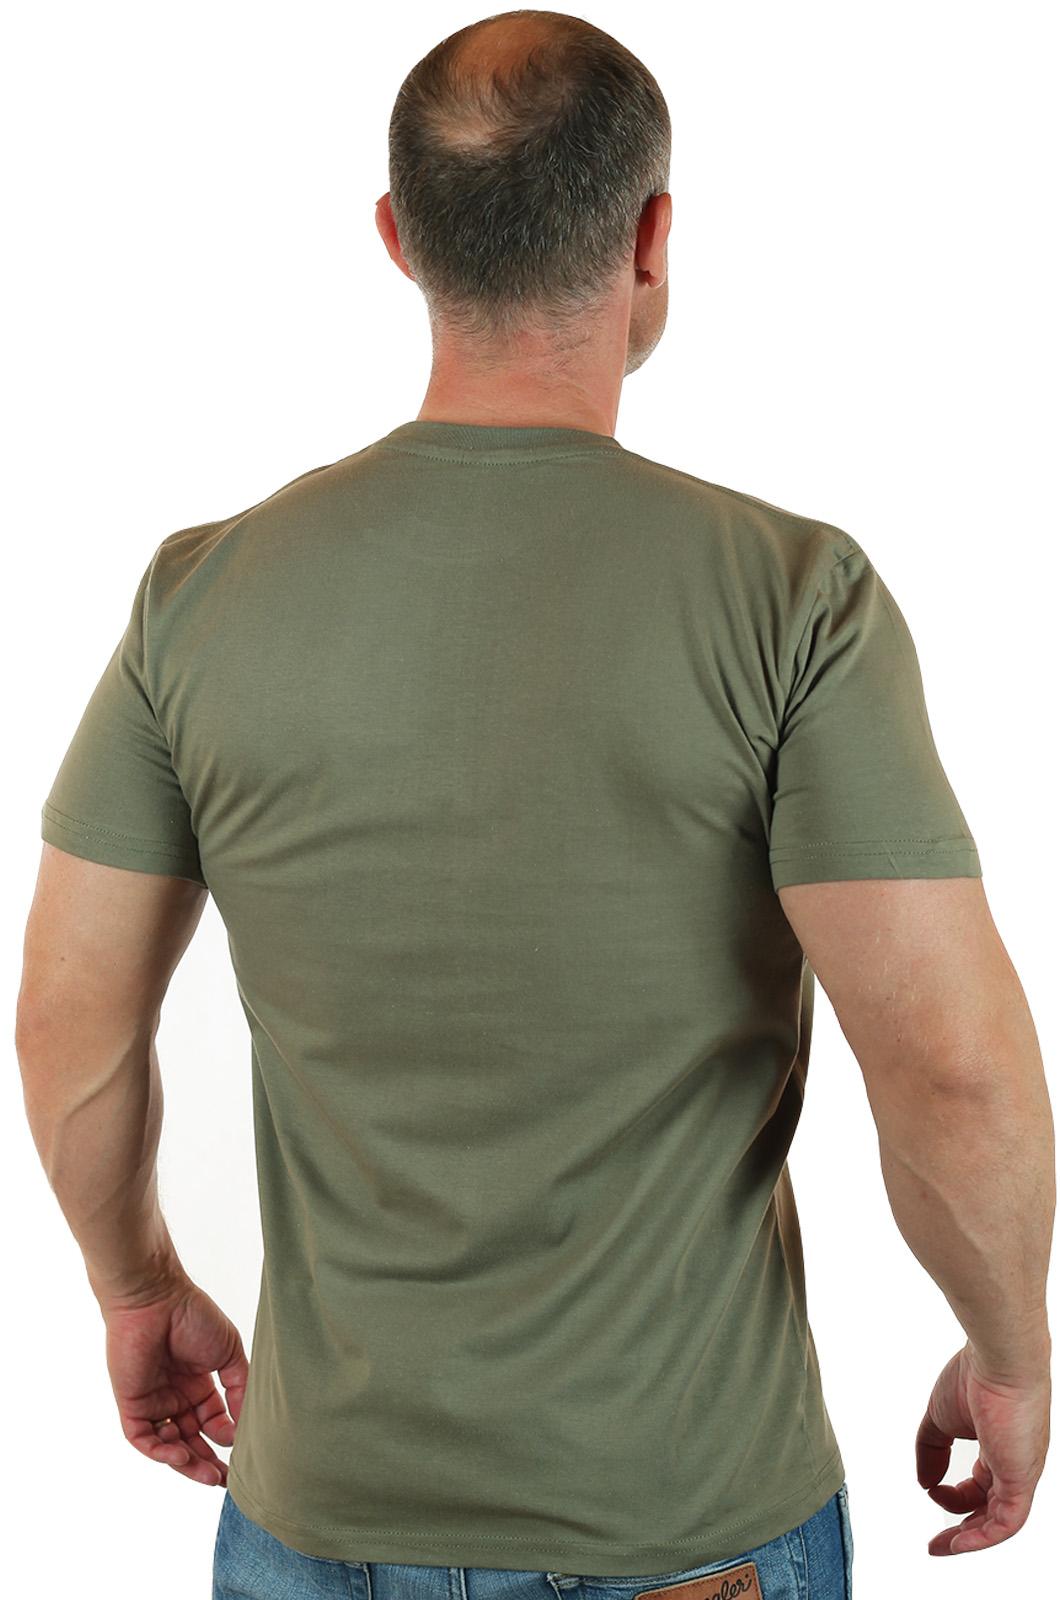 Практичная футболка Военной разведке 100 лет